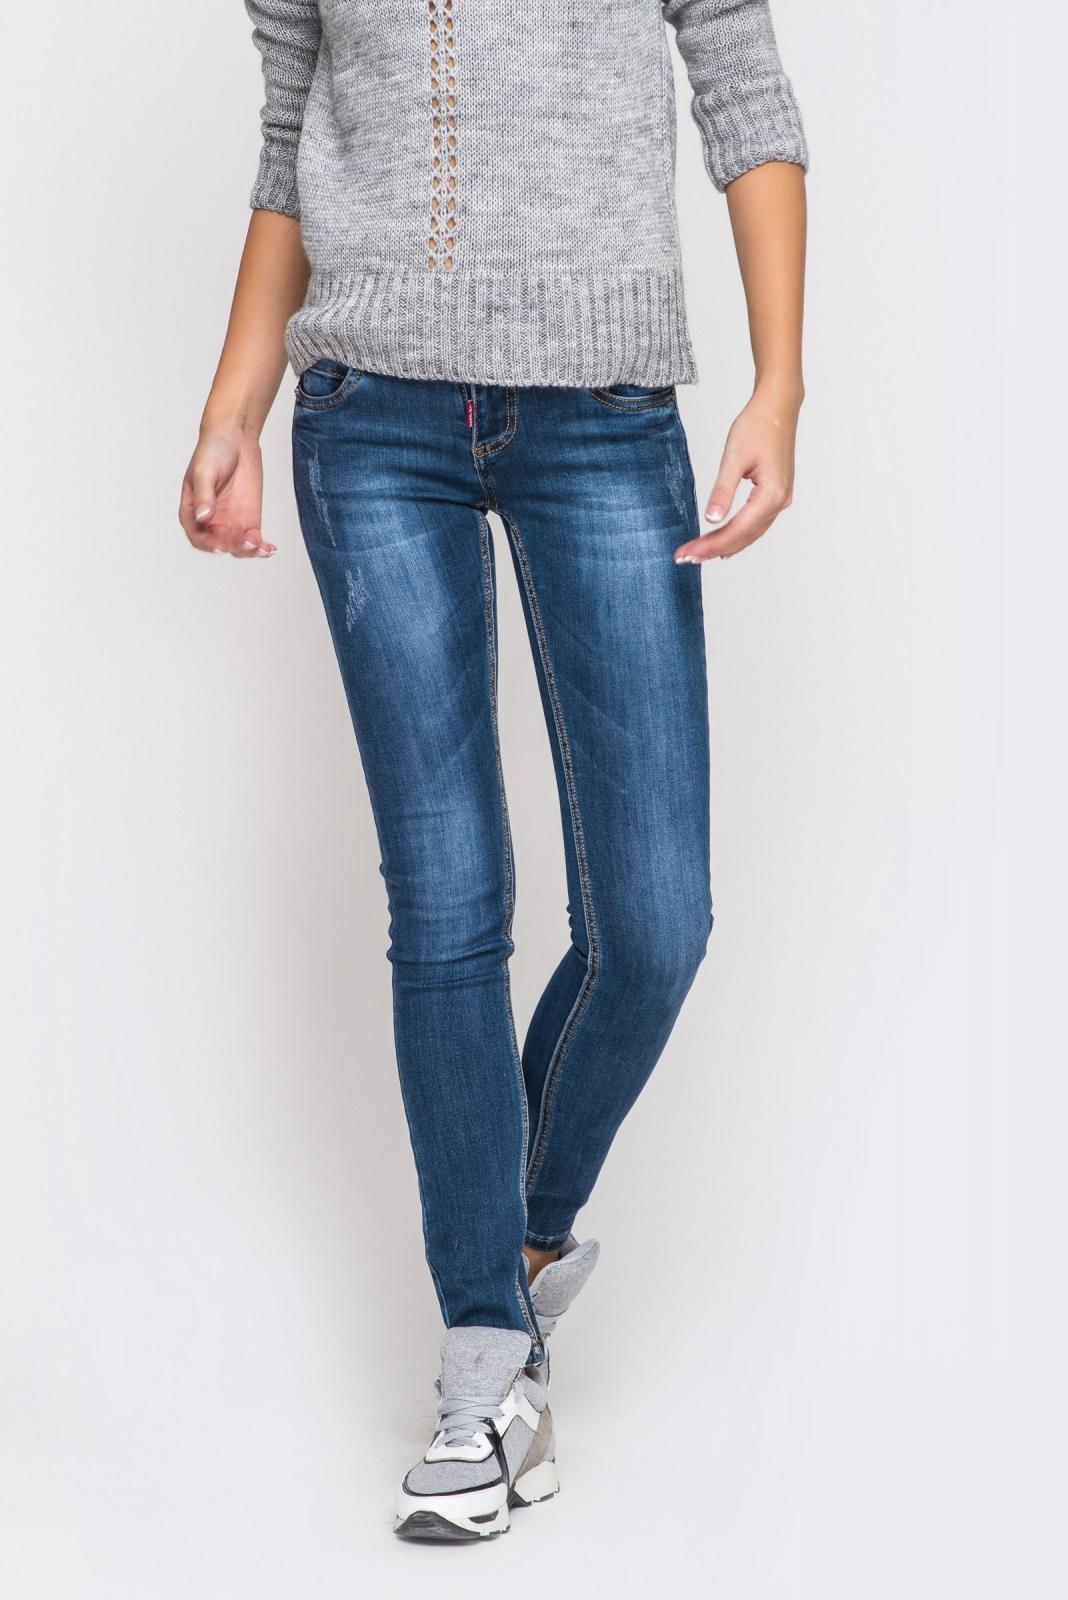 Большой выбор женских джинсов. Размеры 40-52